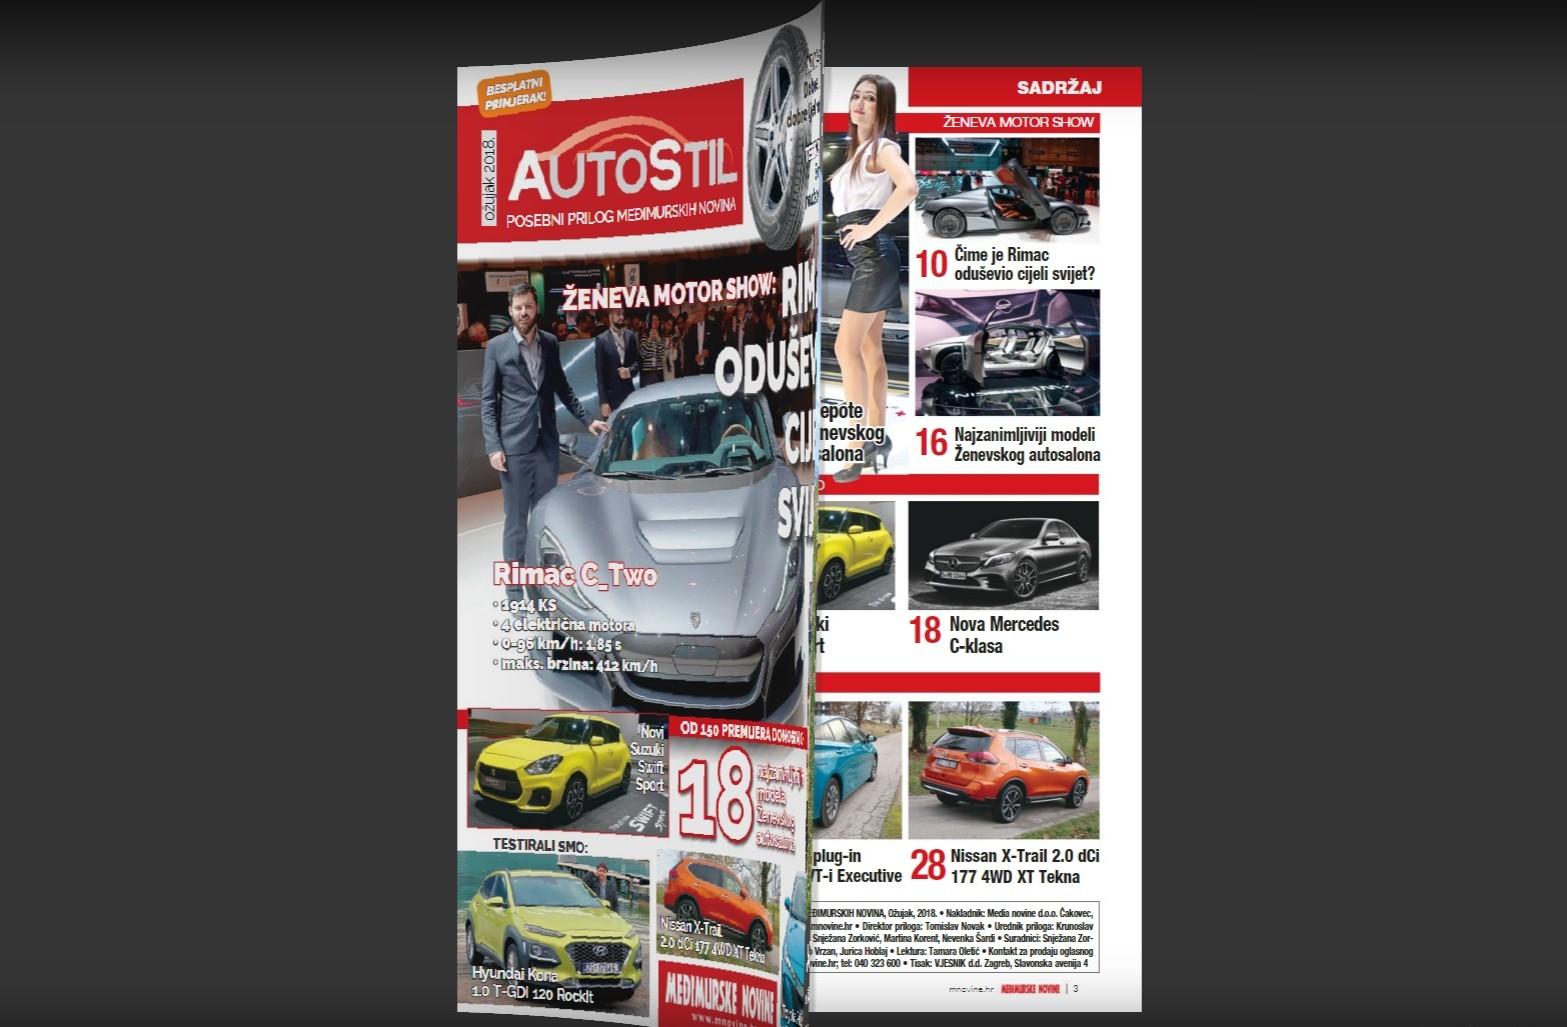 AUTO STIL Veliki izvještaj sa Ženevskog auto salona, sve o Rimac C_Two, testovi automobila…